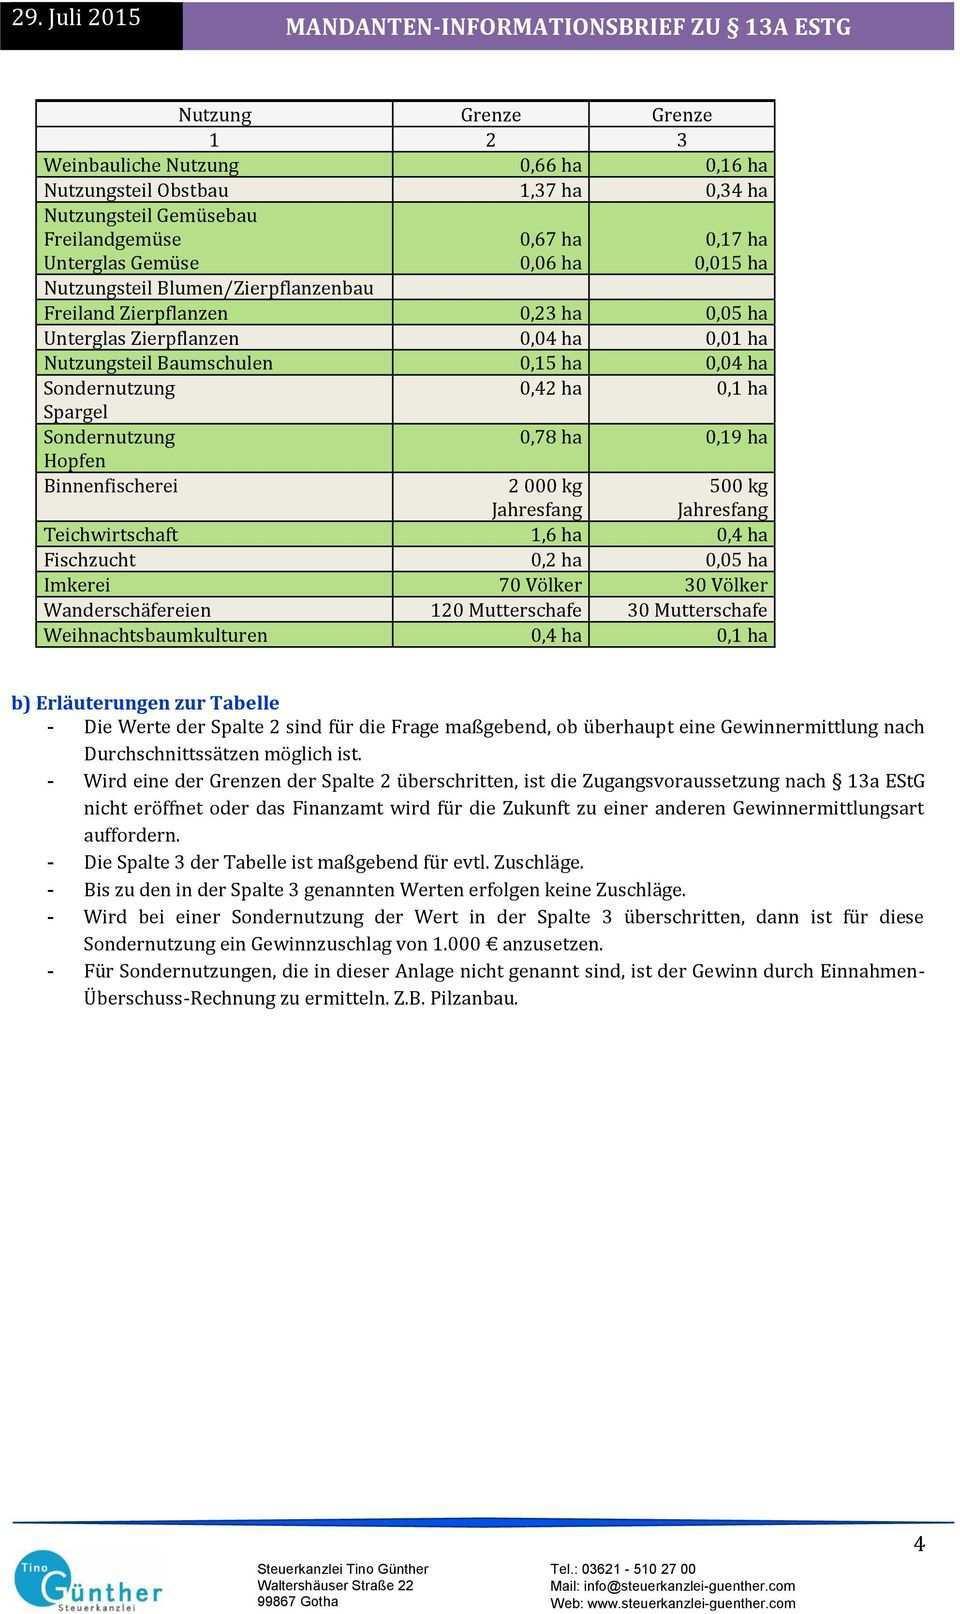 Ermittlung Des Gewinns Aus Landund Forstwirtschaft Nach Durchschnittssatzen Pdf Kostenfreier Download